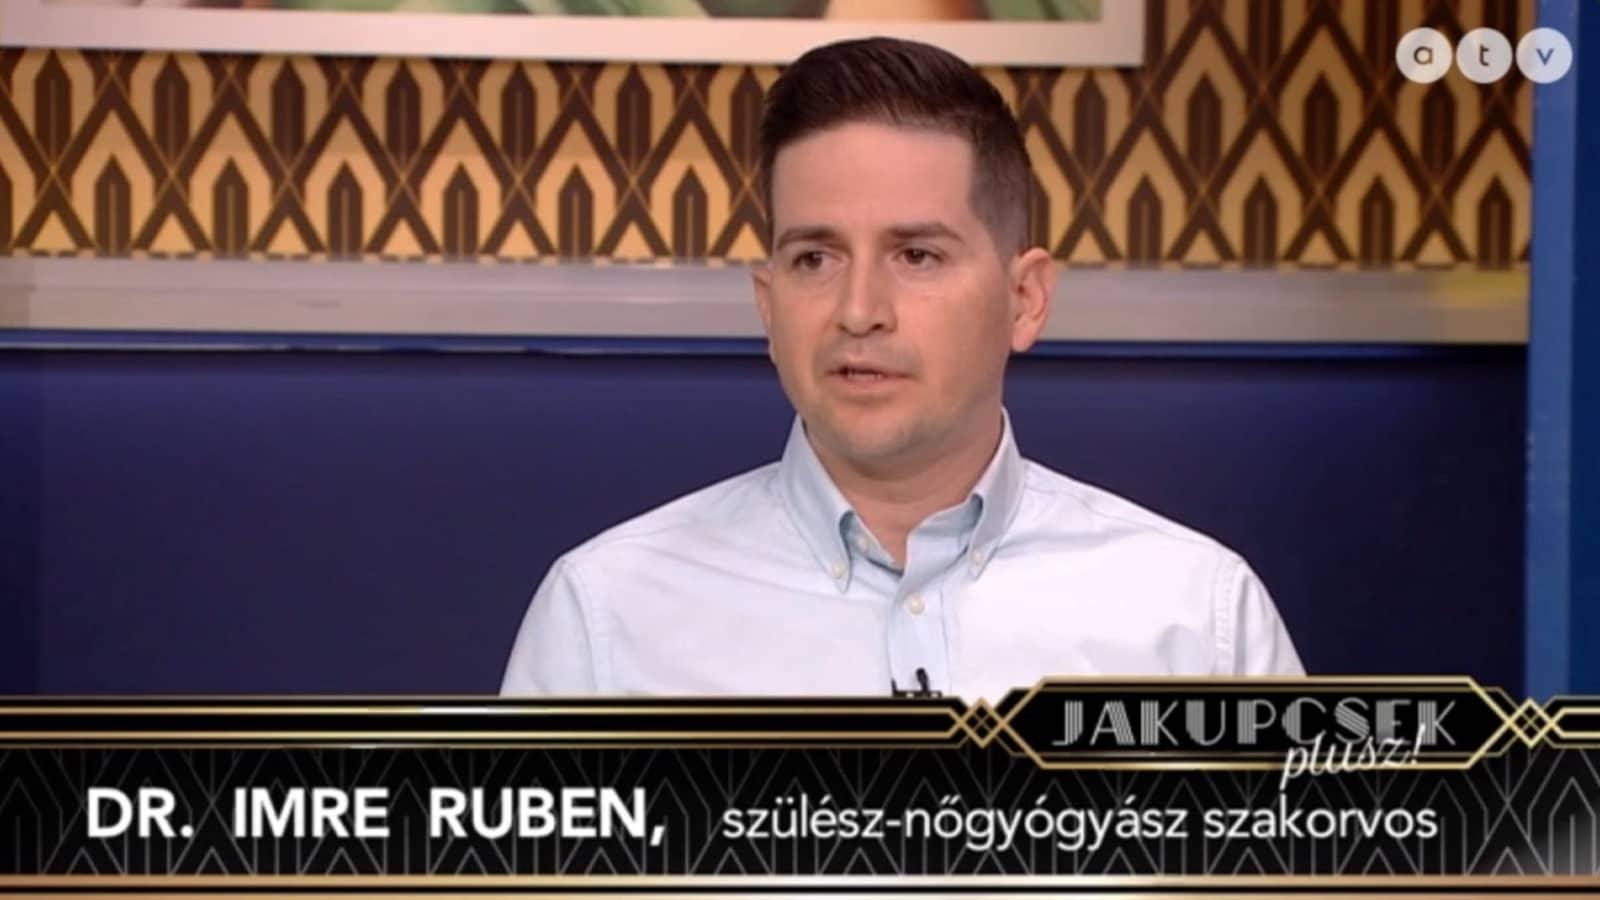 Dr Imre Ruben Jakupcsek Plusz